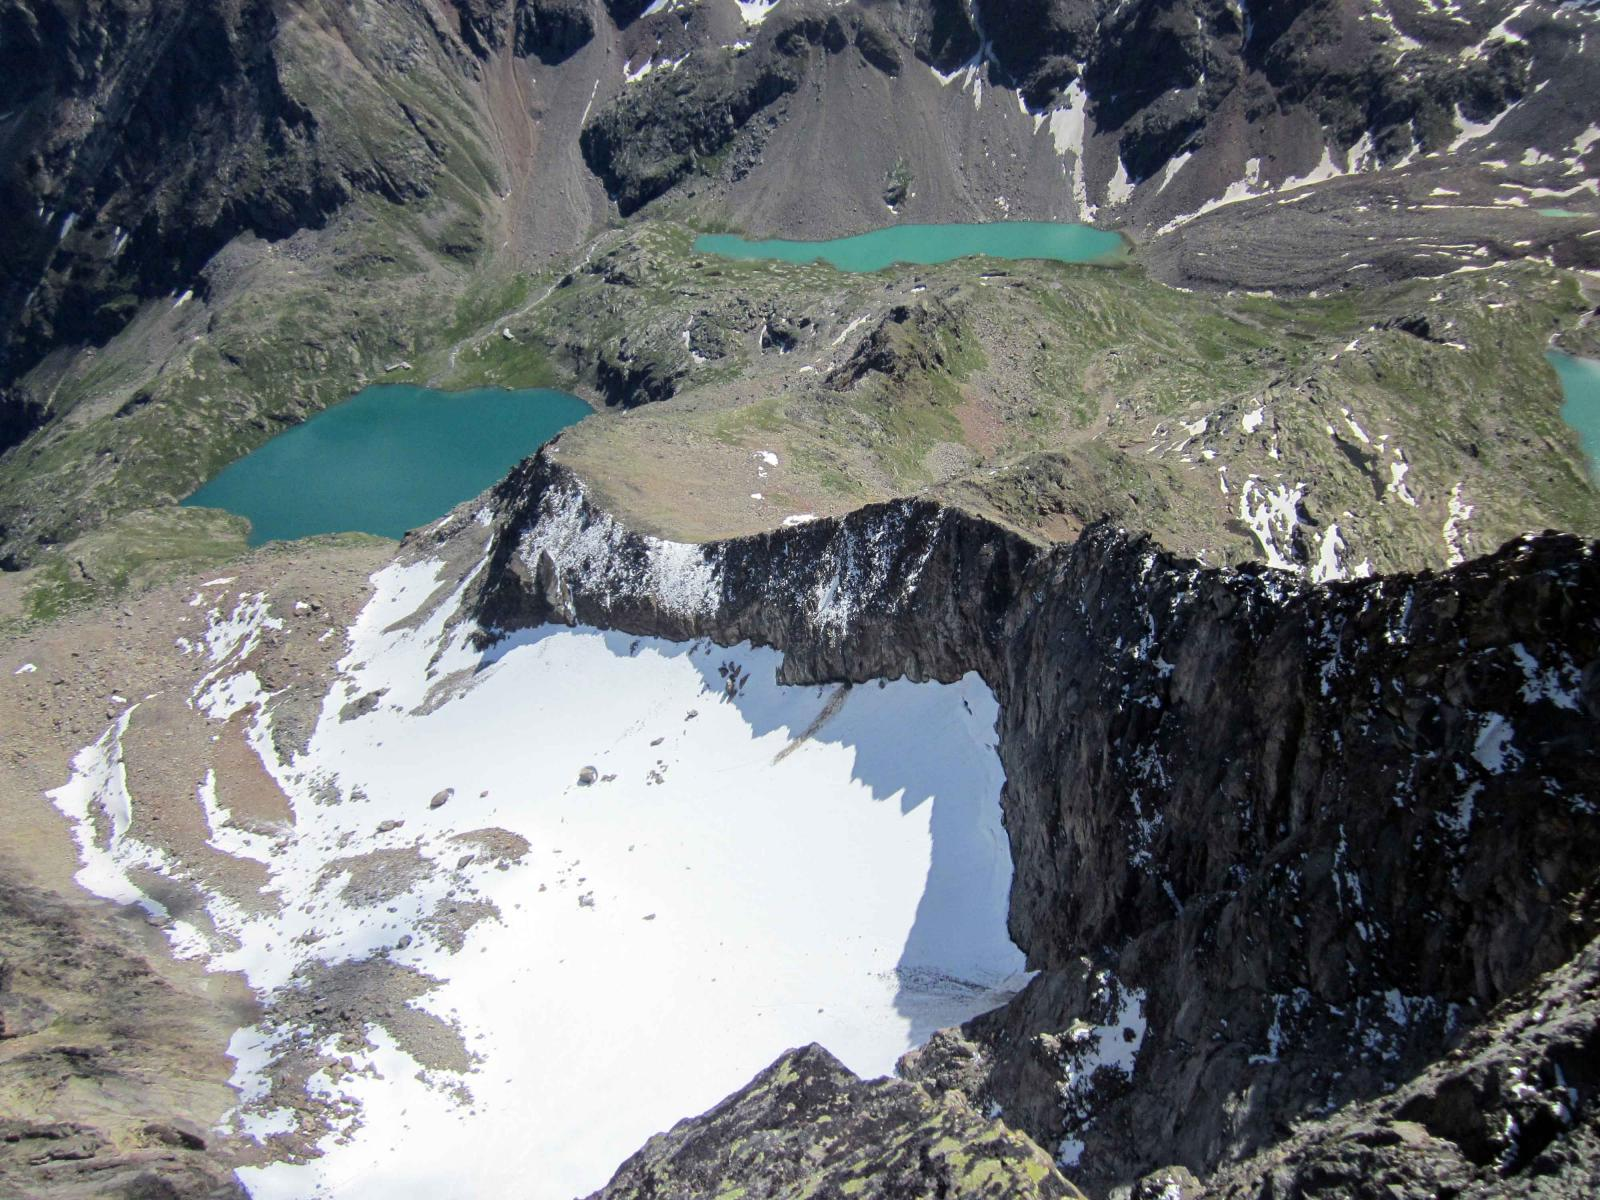 lago e bivacco visti dalla cresta